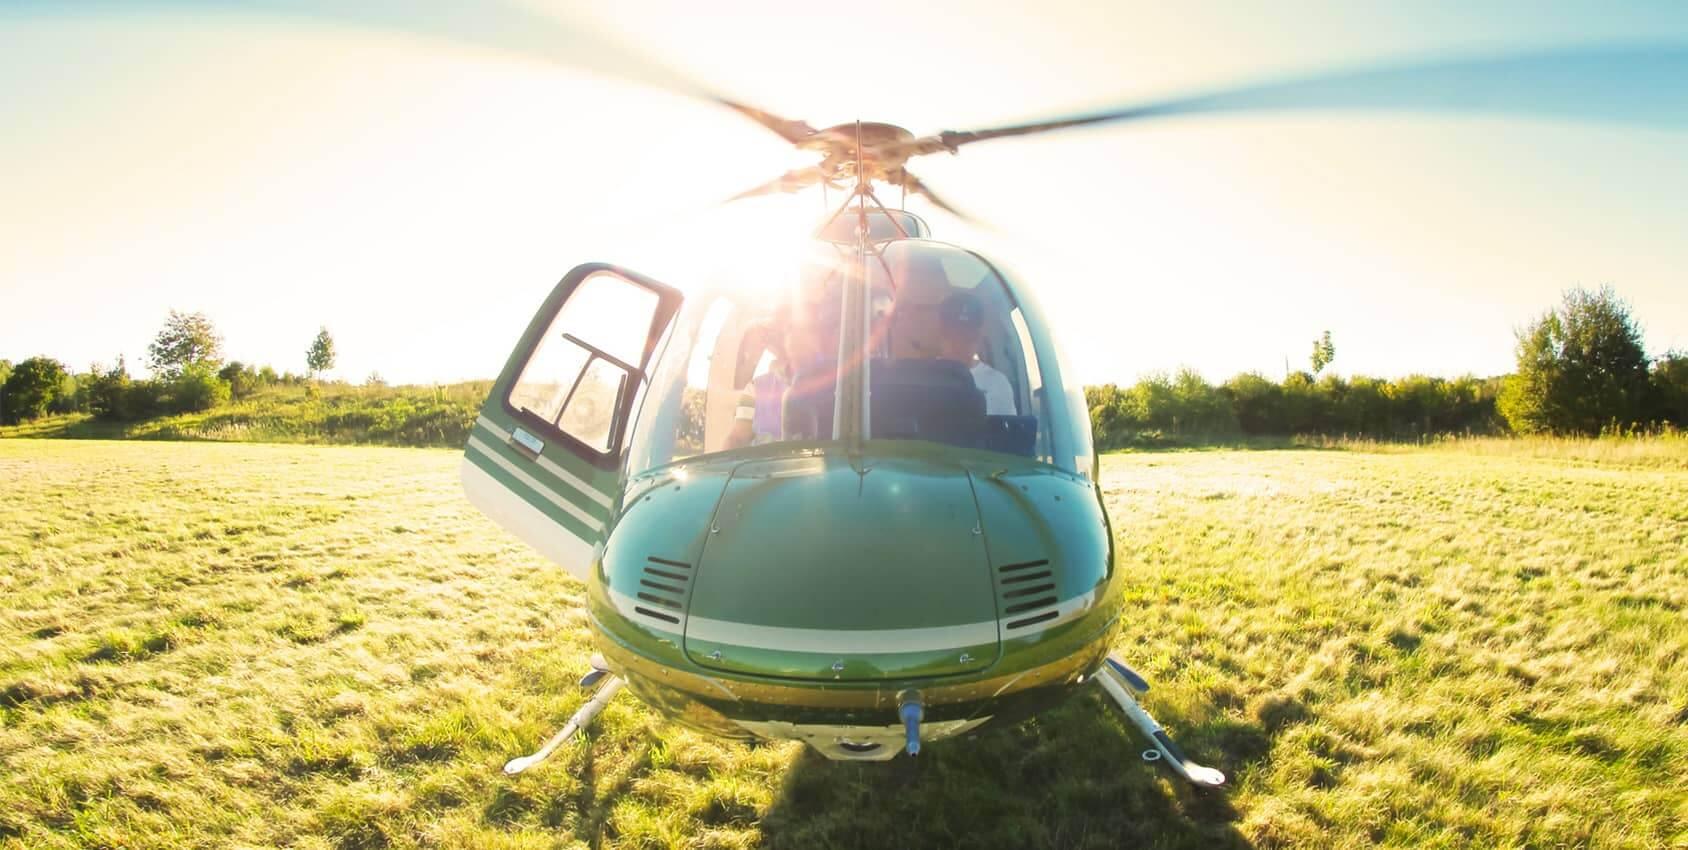 Décollage d'un hélicoptère depuis un champ